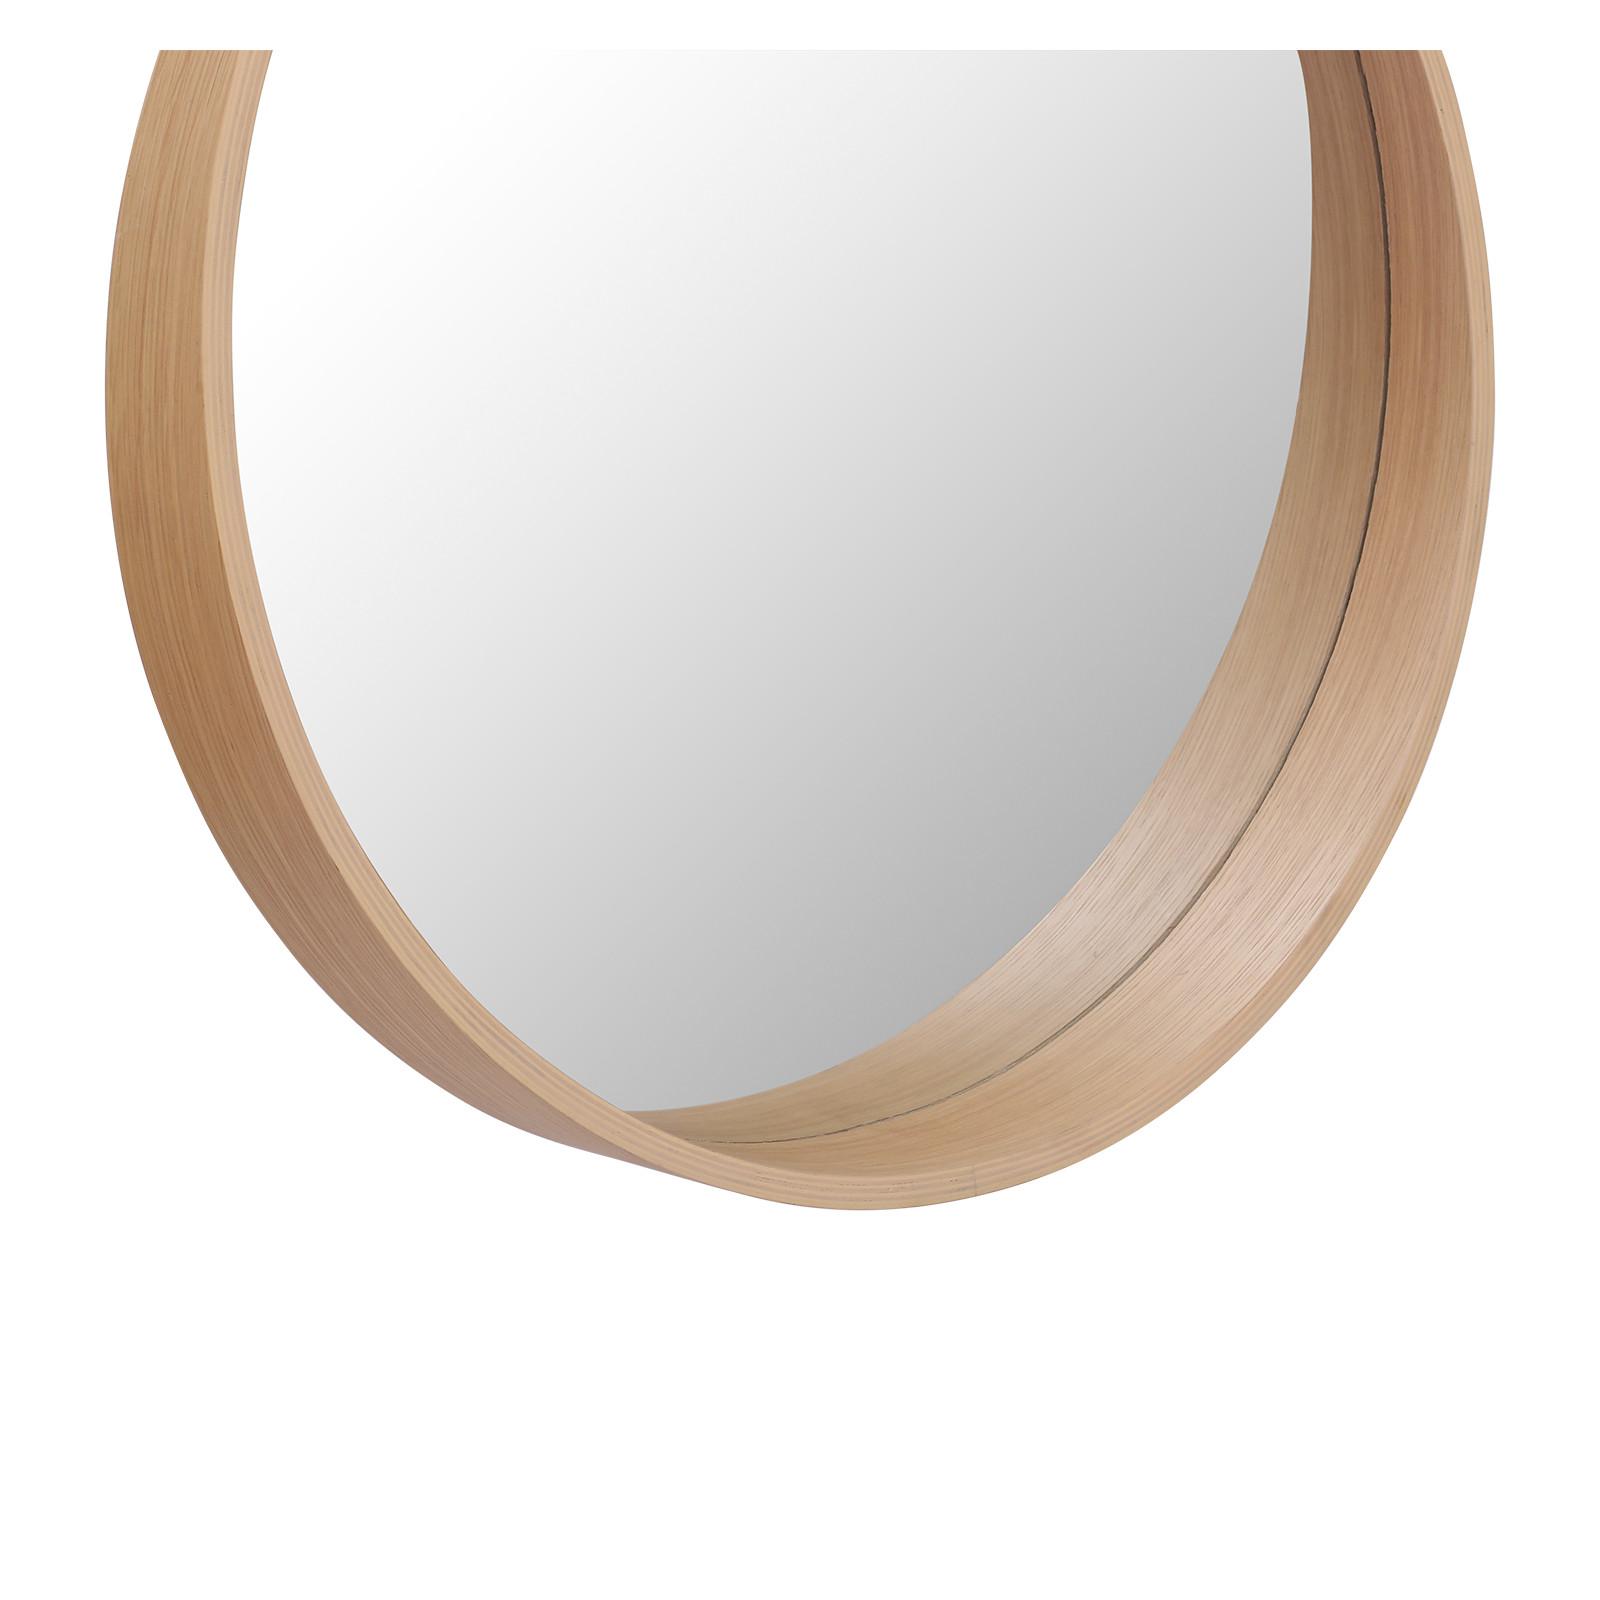 Meuble de Salle De Bain Chêne 120 cm ATOLL + 2 Miroirs Ronds en Bois VALI D60 cm